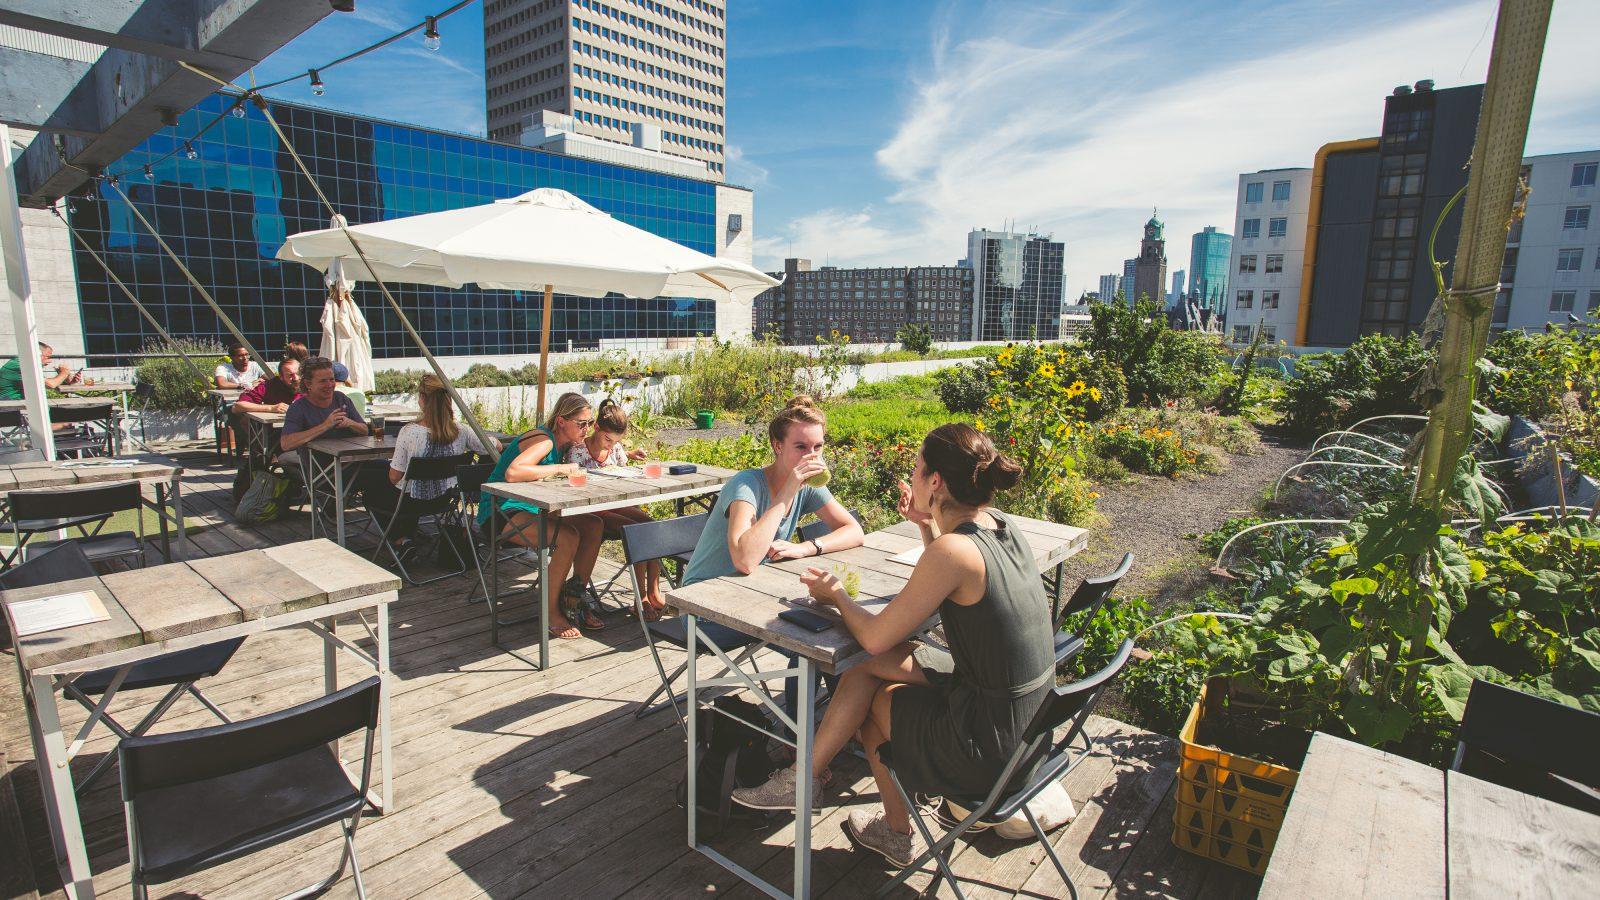 Op Het Dak – Het rooftop restaurant voor ontbijt, lunch en drinken op de grootste dakakker van Europa. Hier werken we met duurzame producten van eigen oogst, lokale leveranciers en serveren een wisselende seizoens menu.